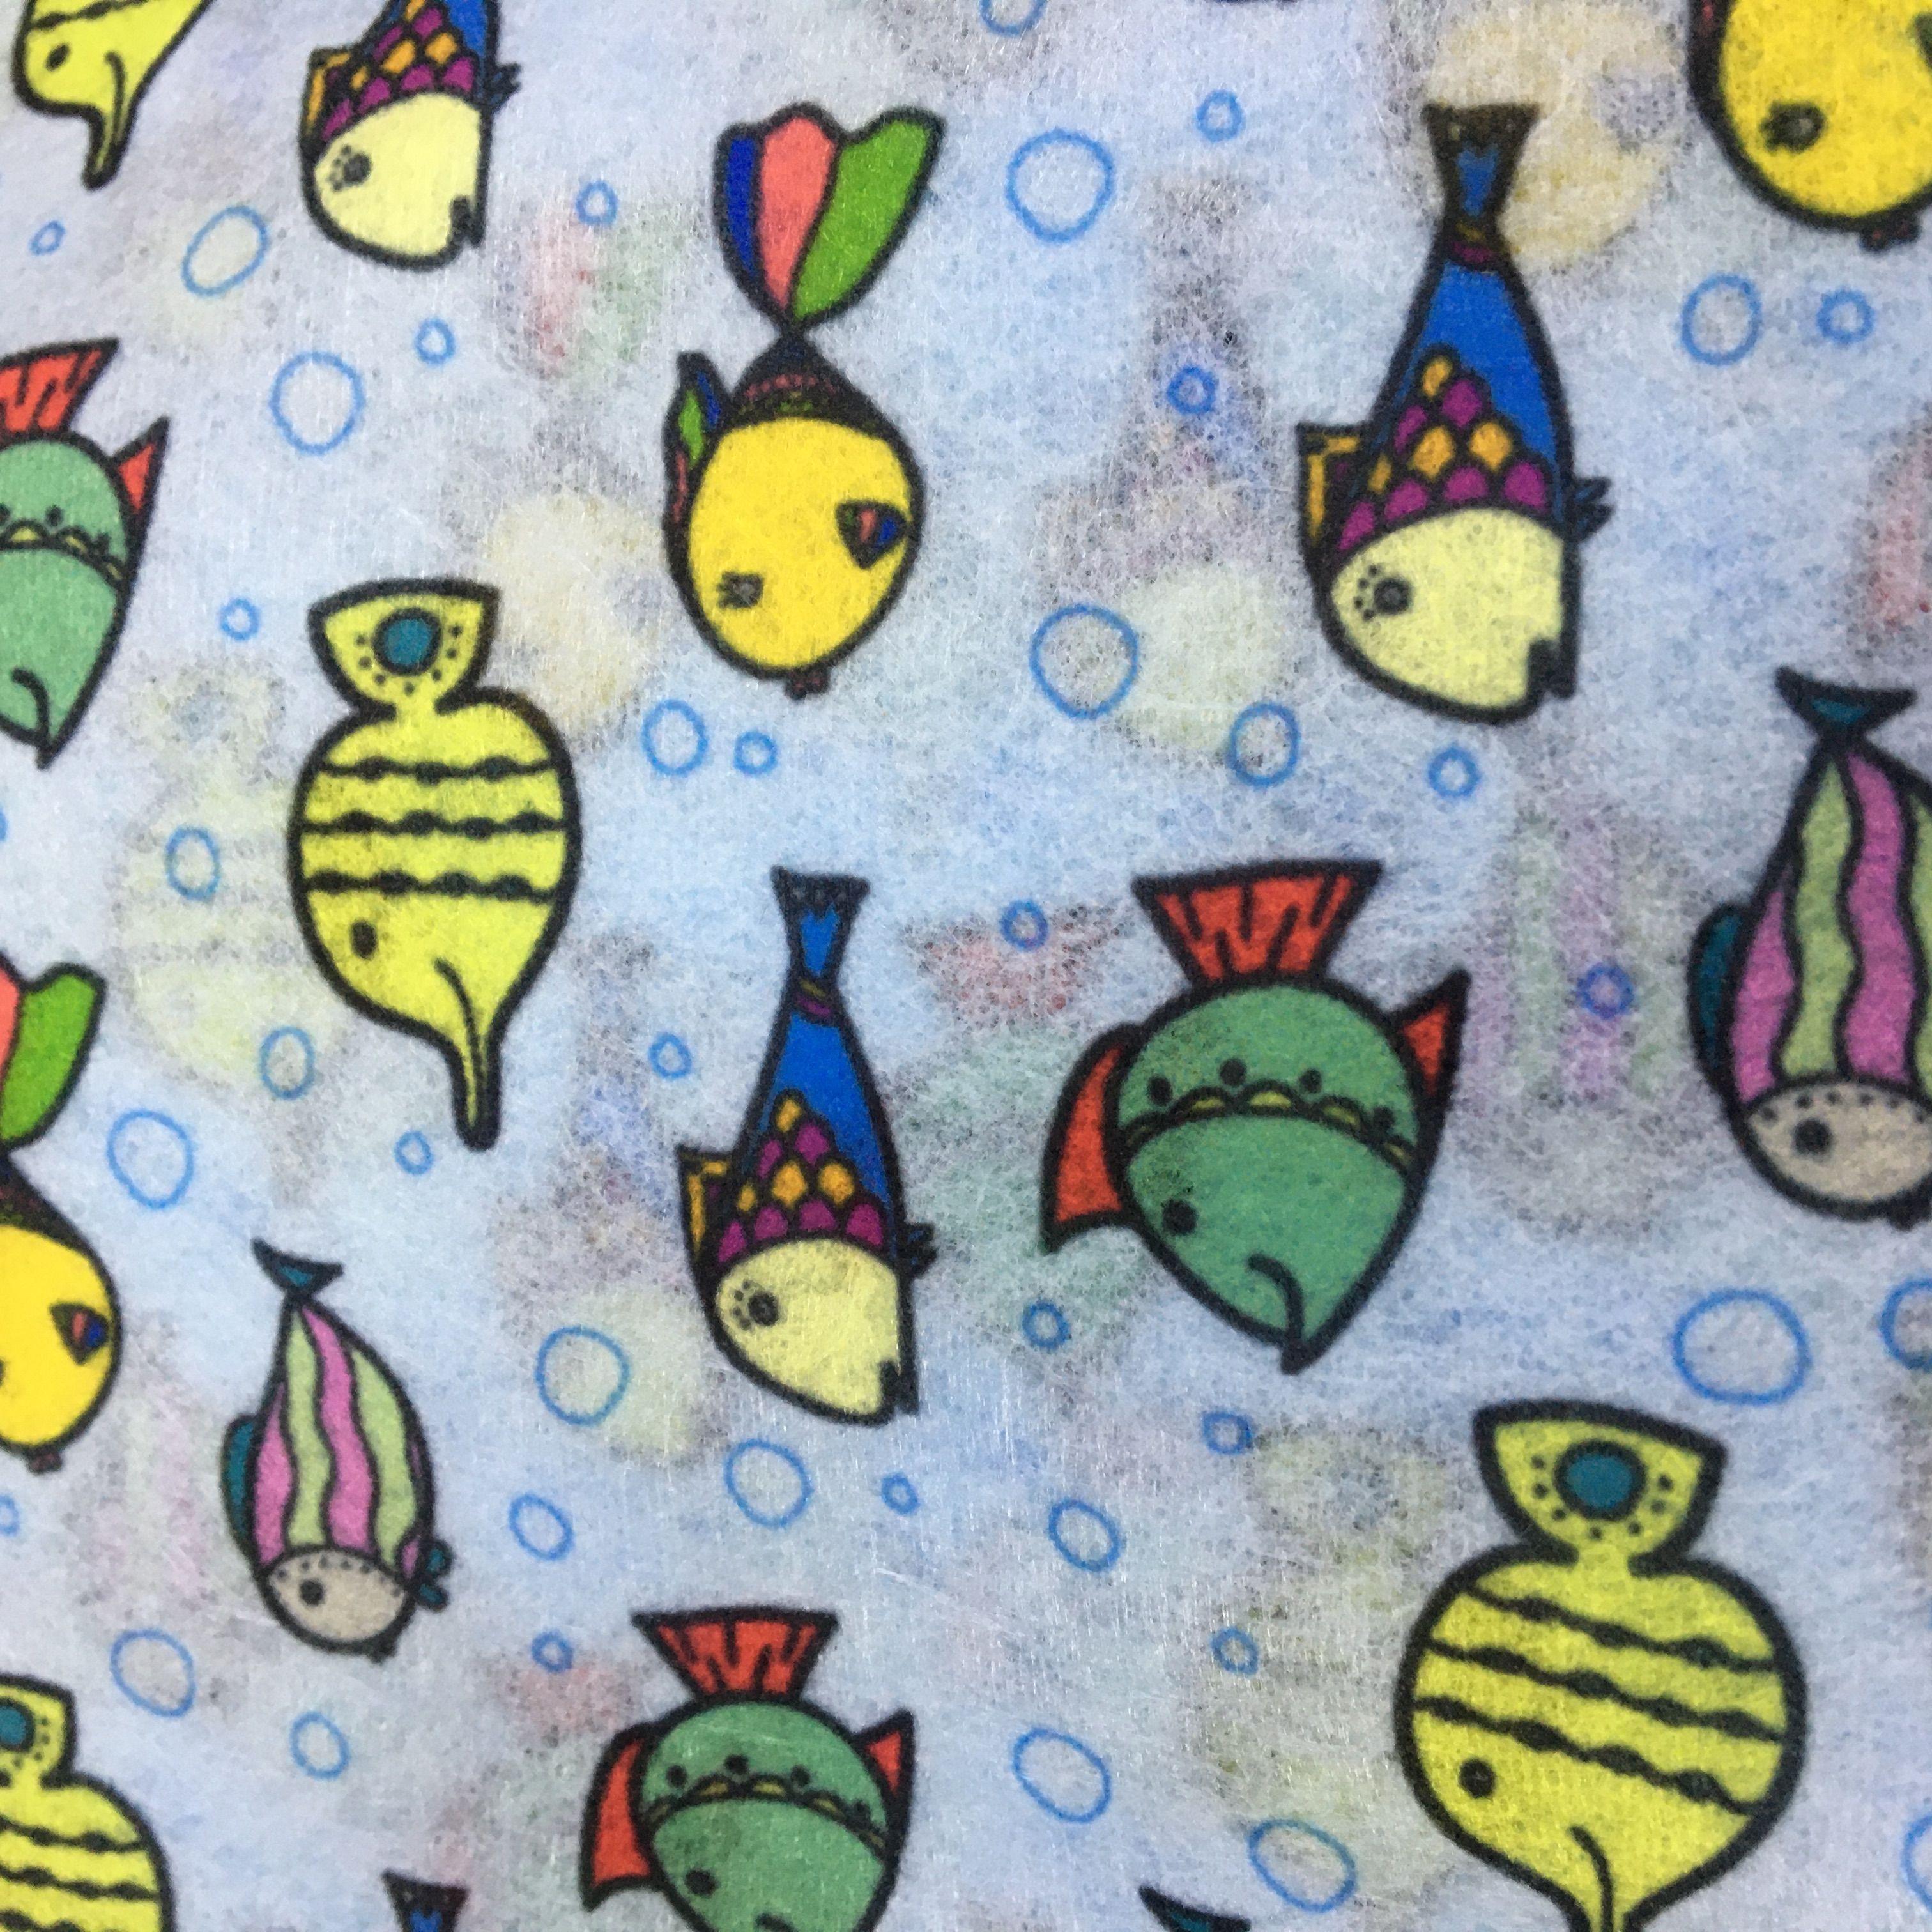 泉州现货儿童水刺印花无纺布 金鱼卡通图案